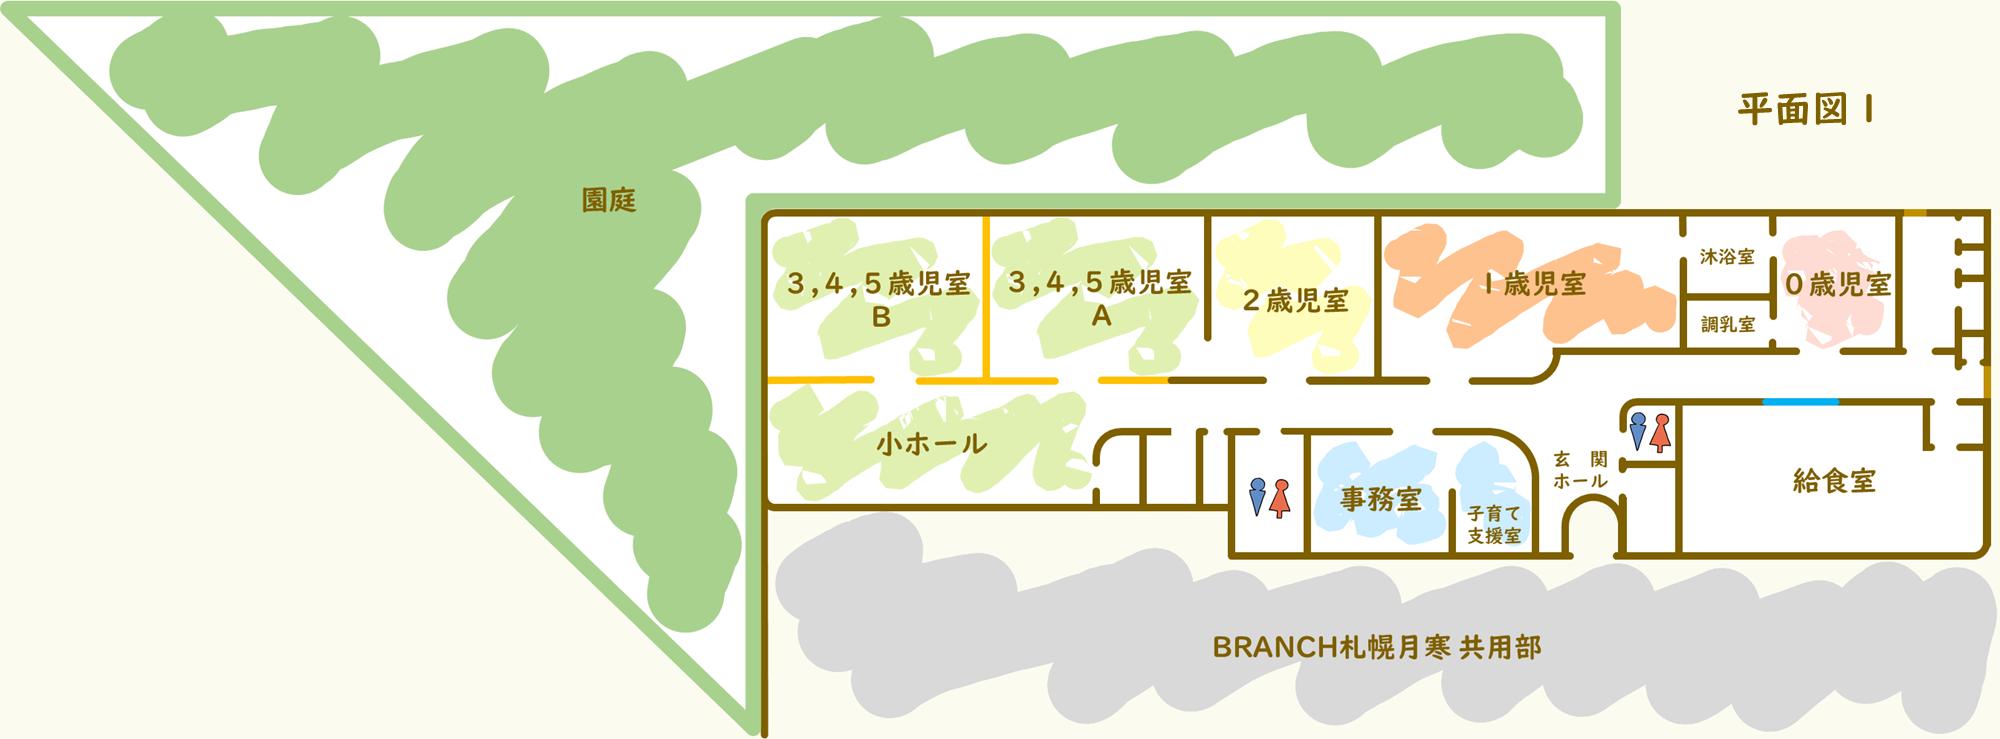 月寒じゅんのめ保育園平面図1